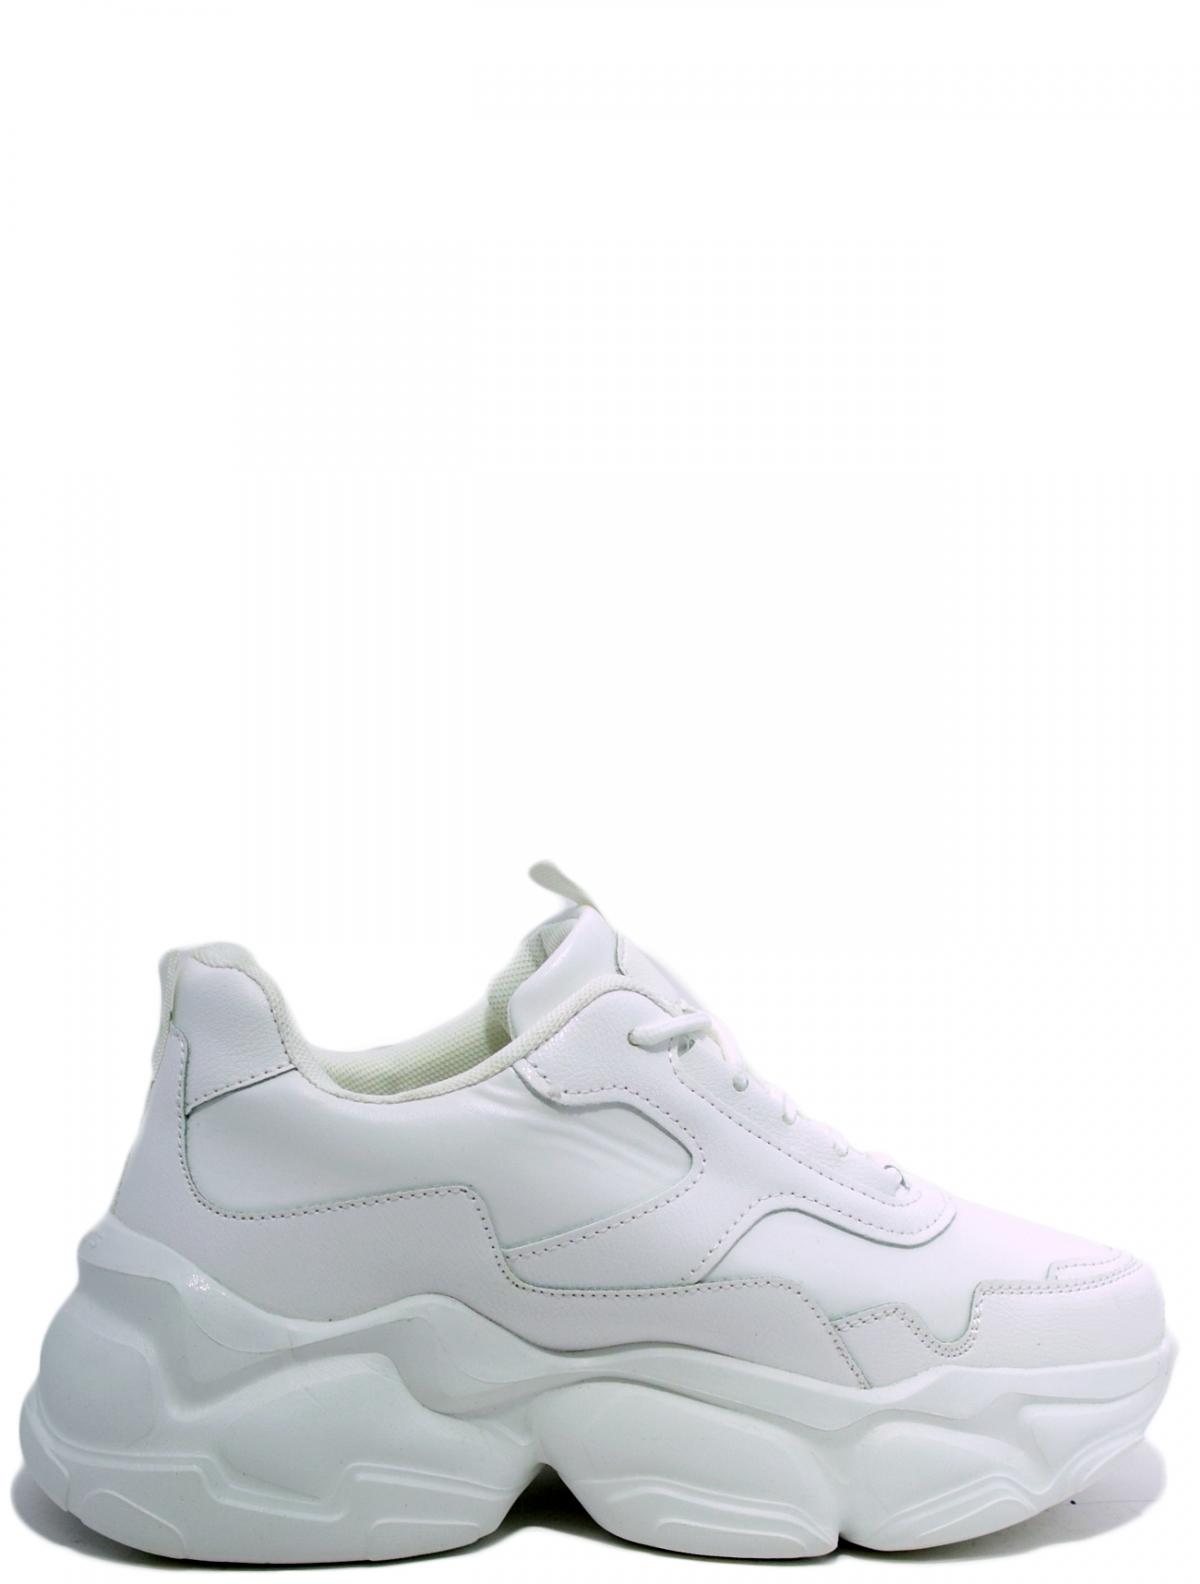 BNB B575 женские кроссовки